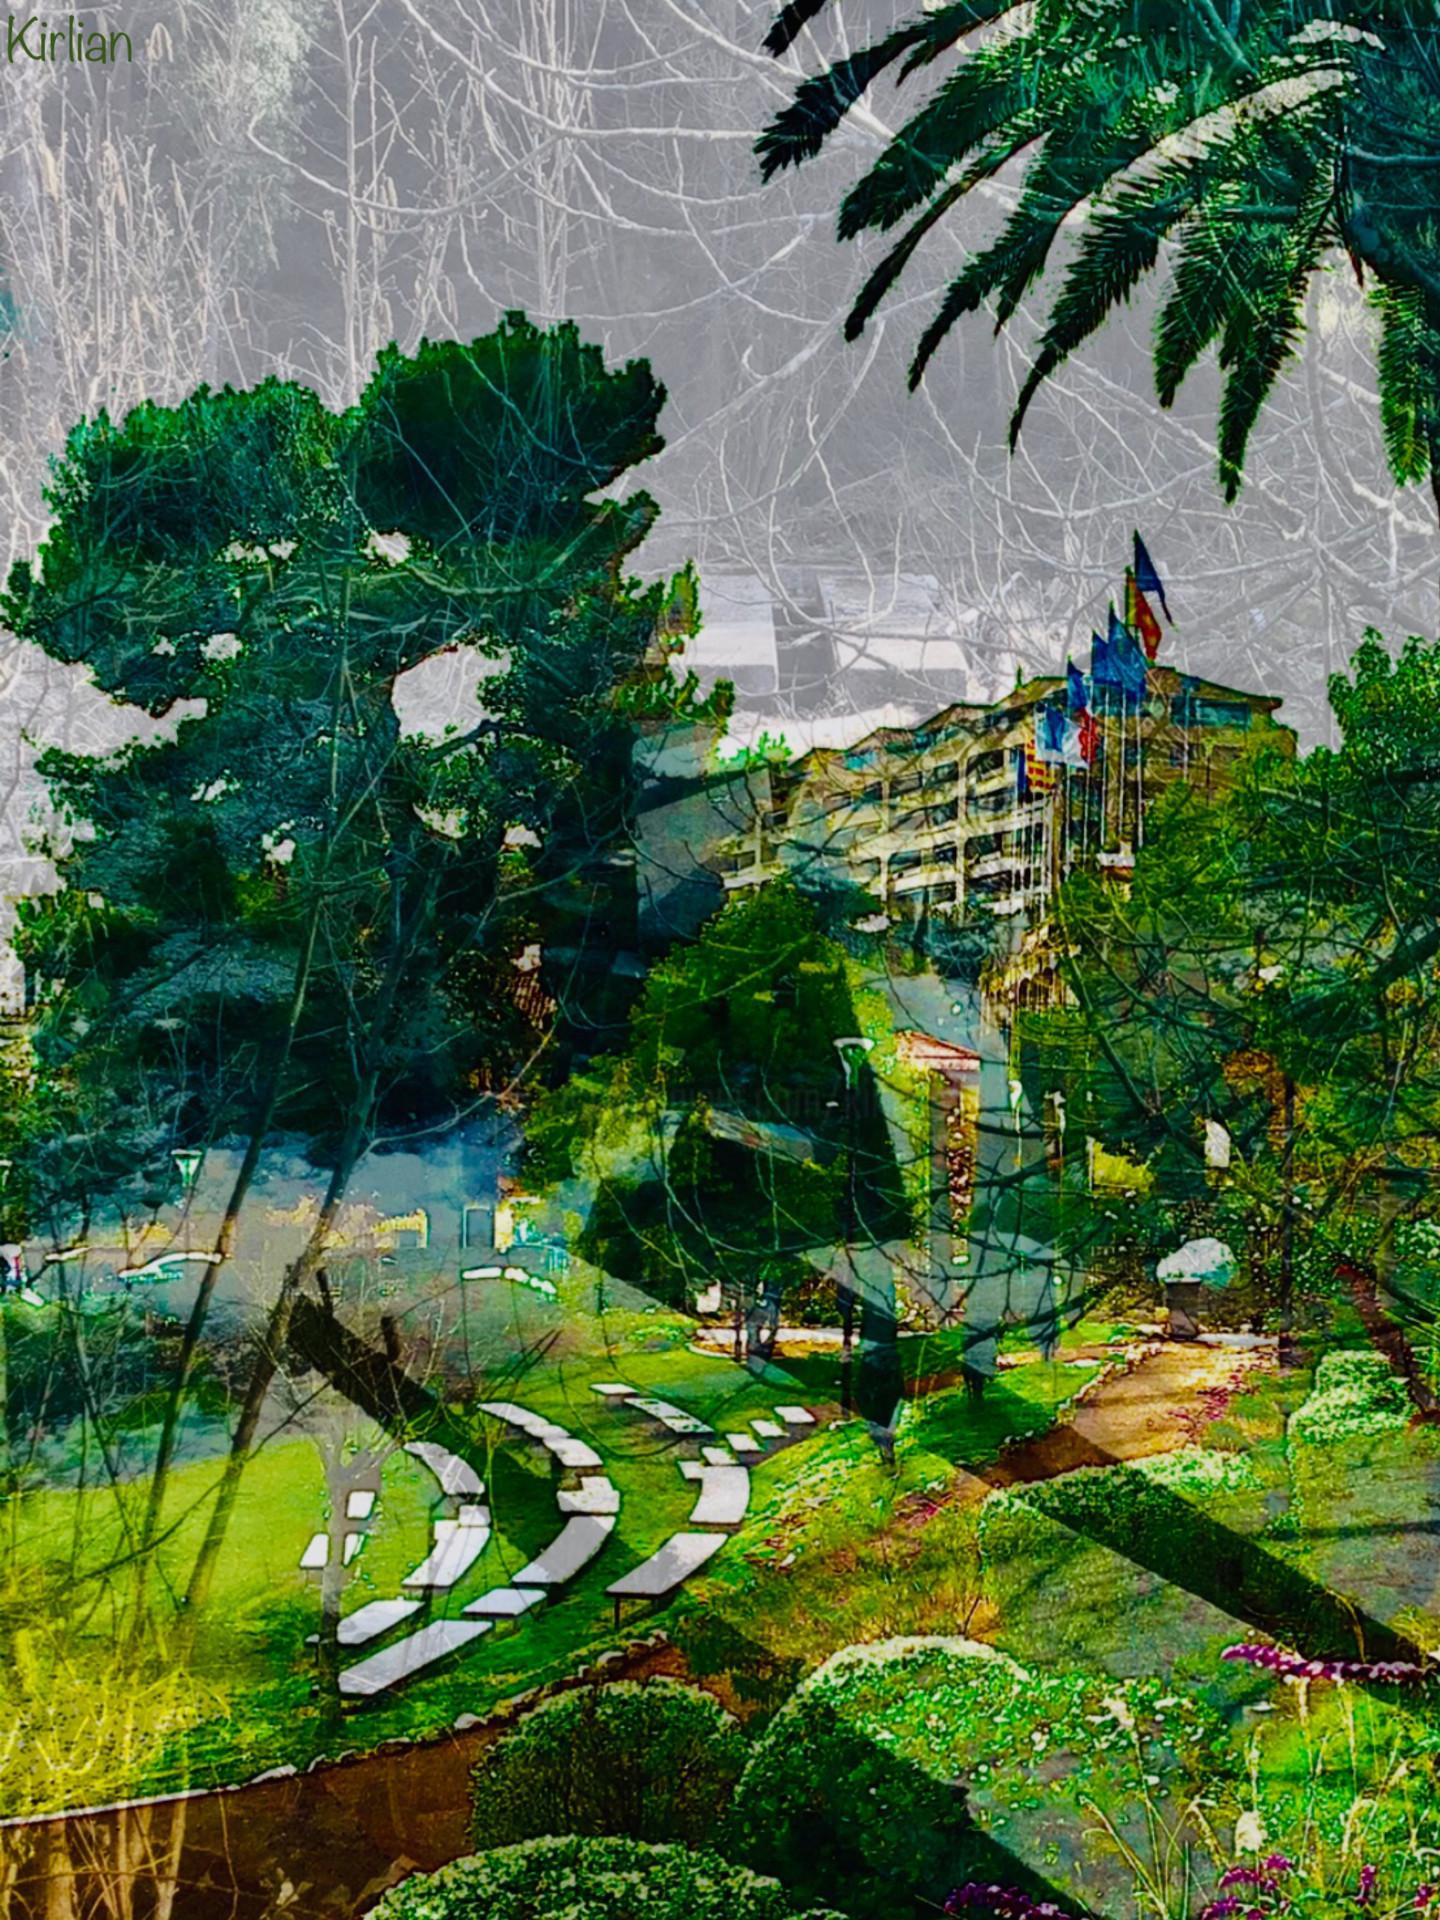 Kirlian - Grasse, le Jardin des Plantes